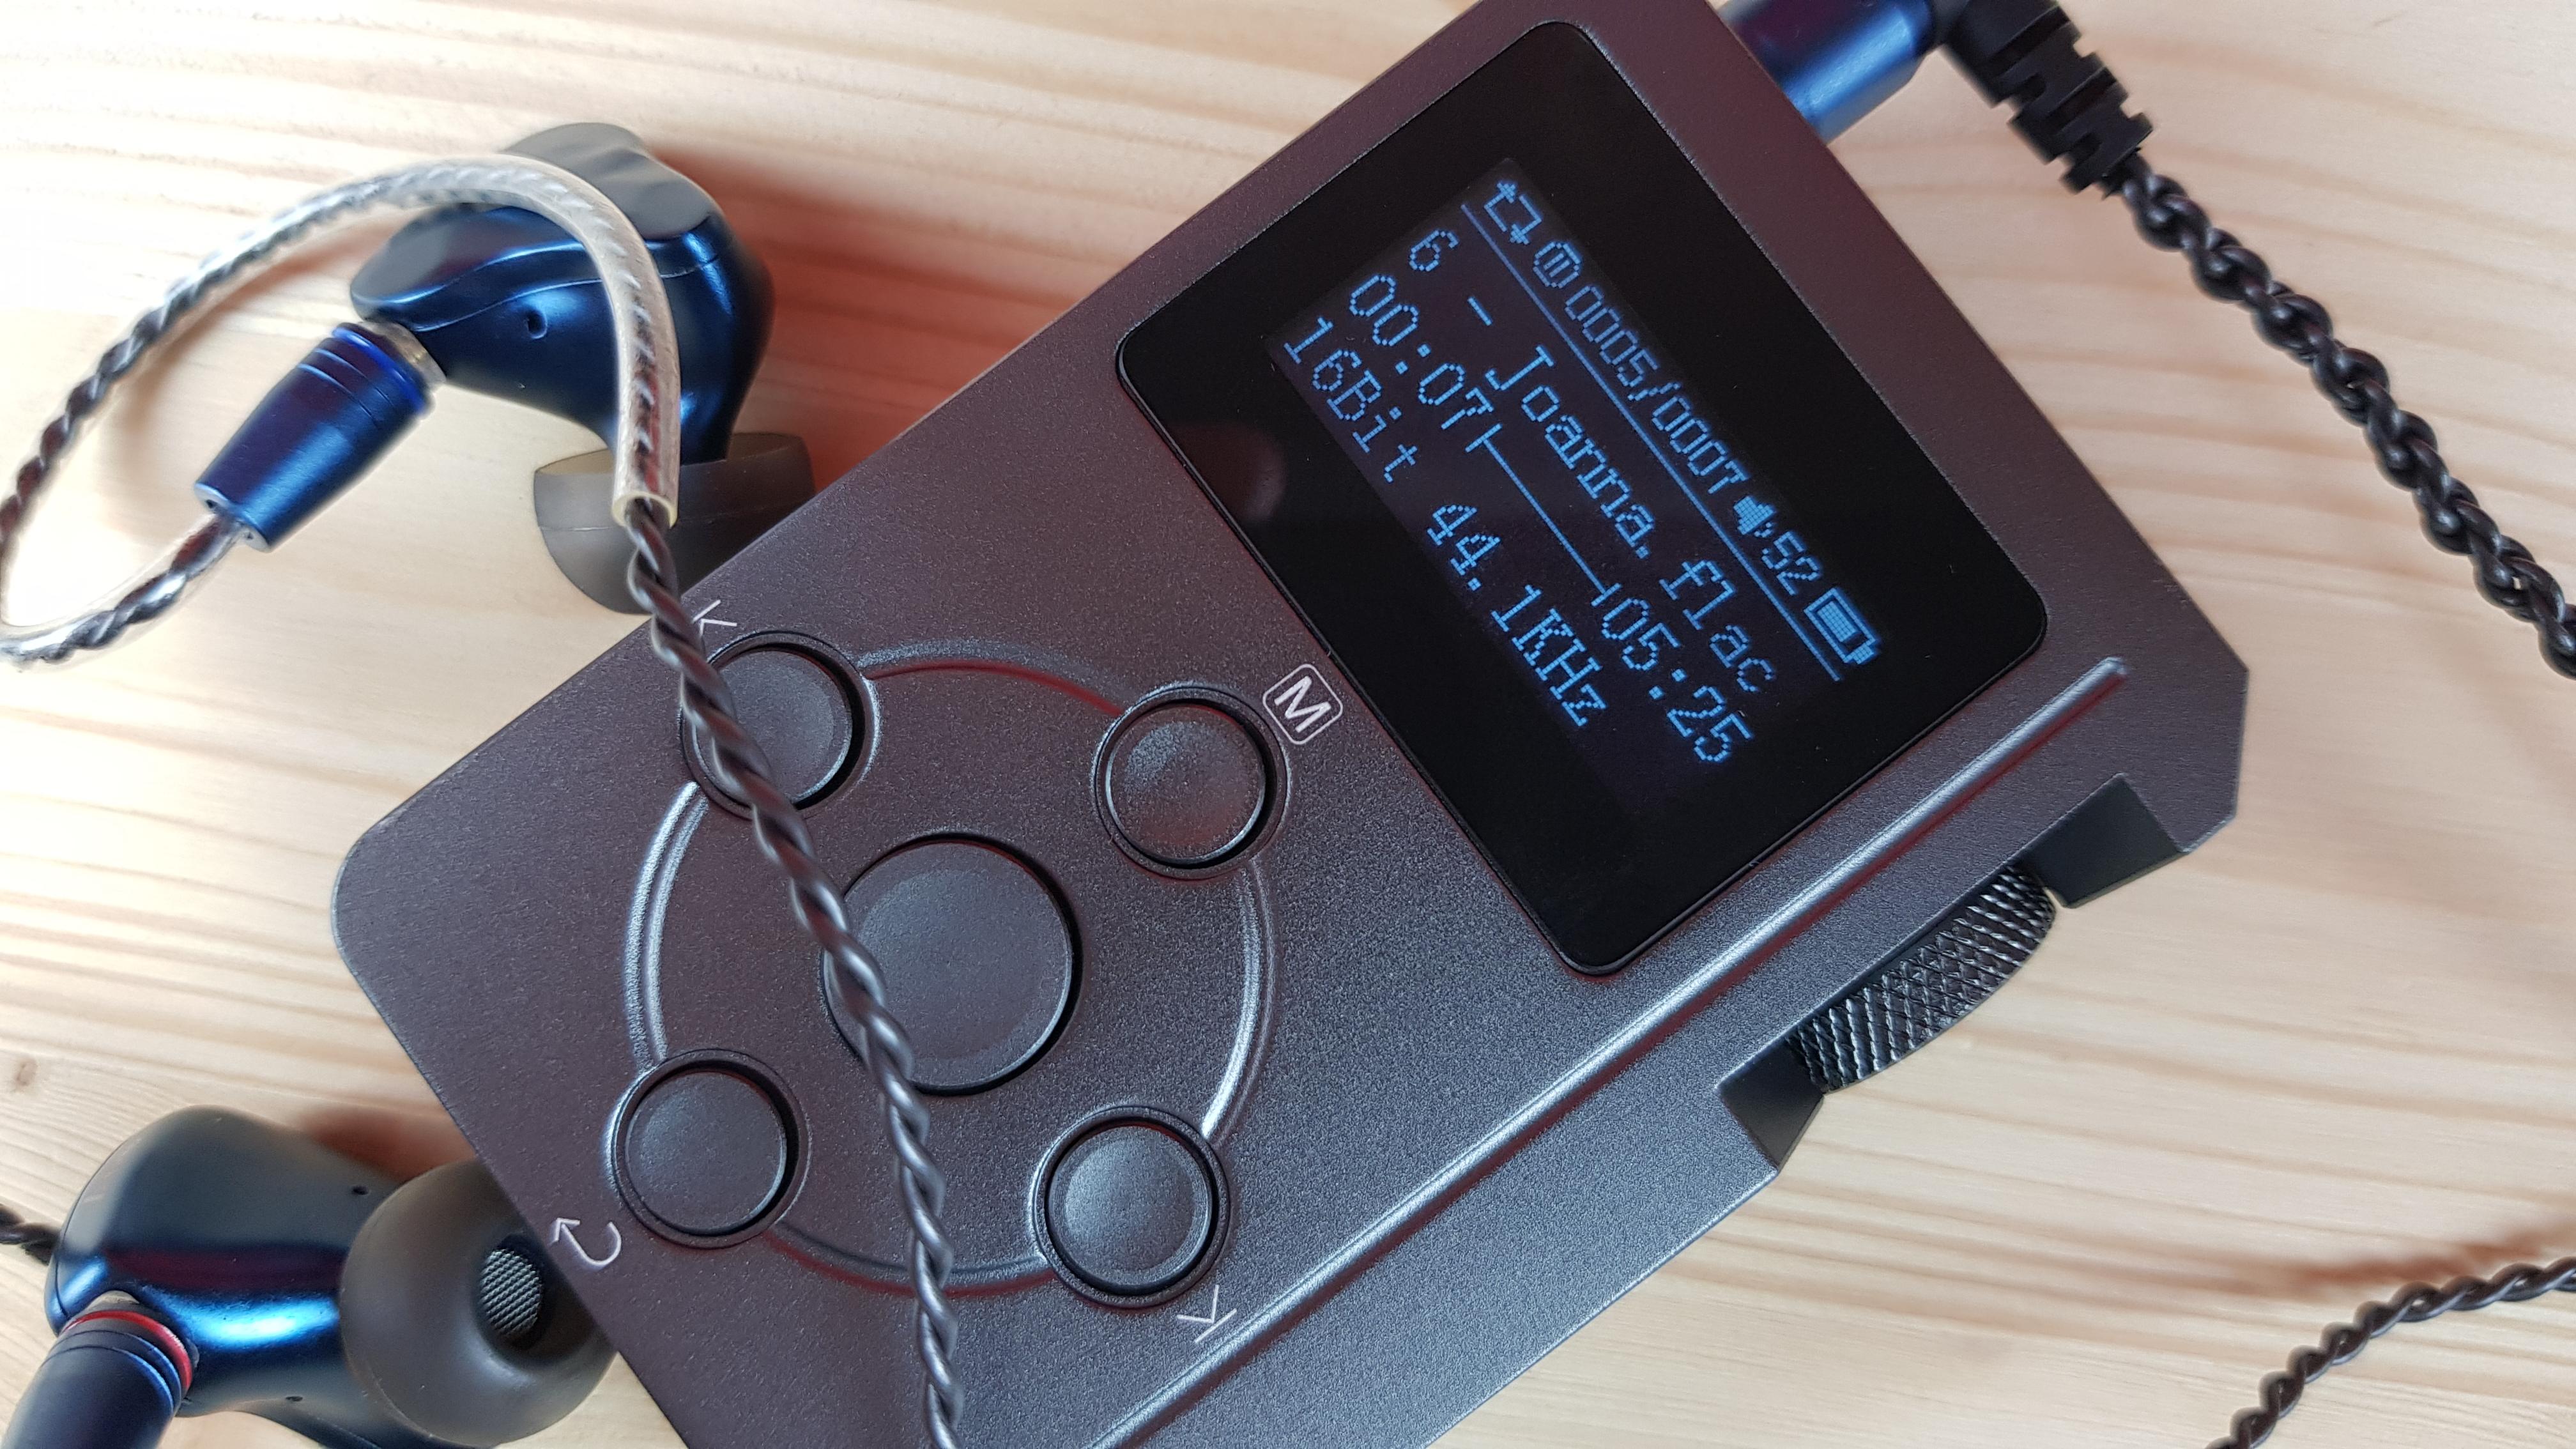 Аудиоплееры что это такое Стационарный цифровой аудиоплеер с динамиком и другие модели Как их выбрать Характеристики